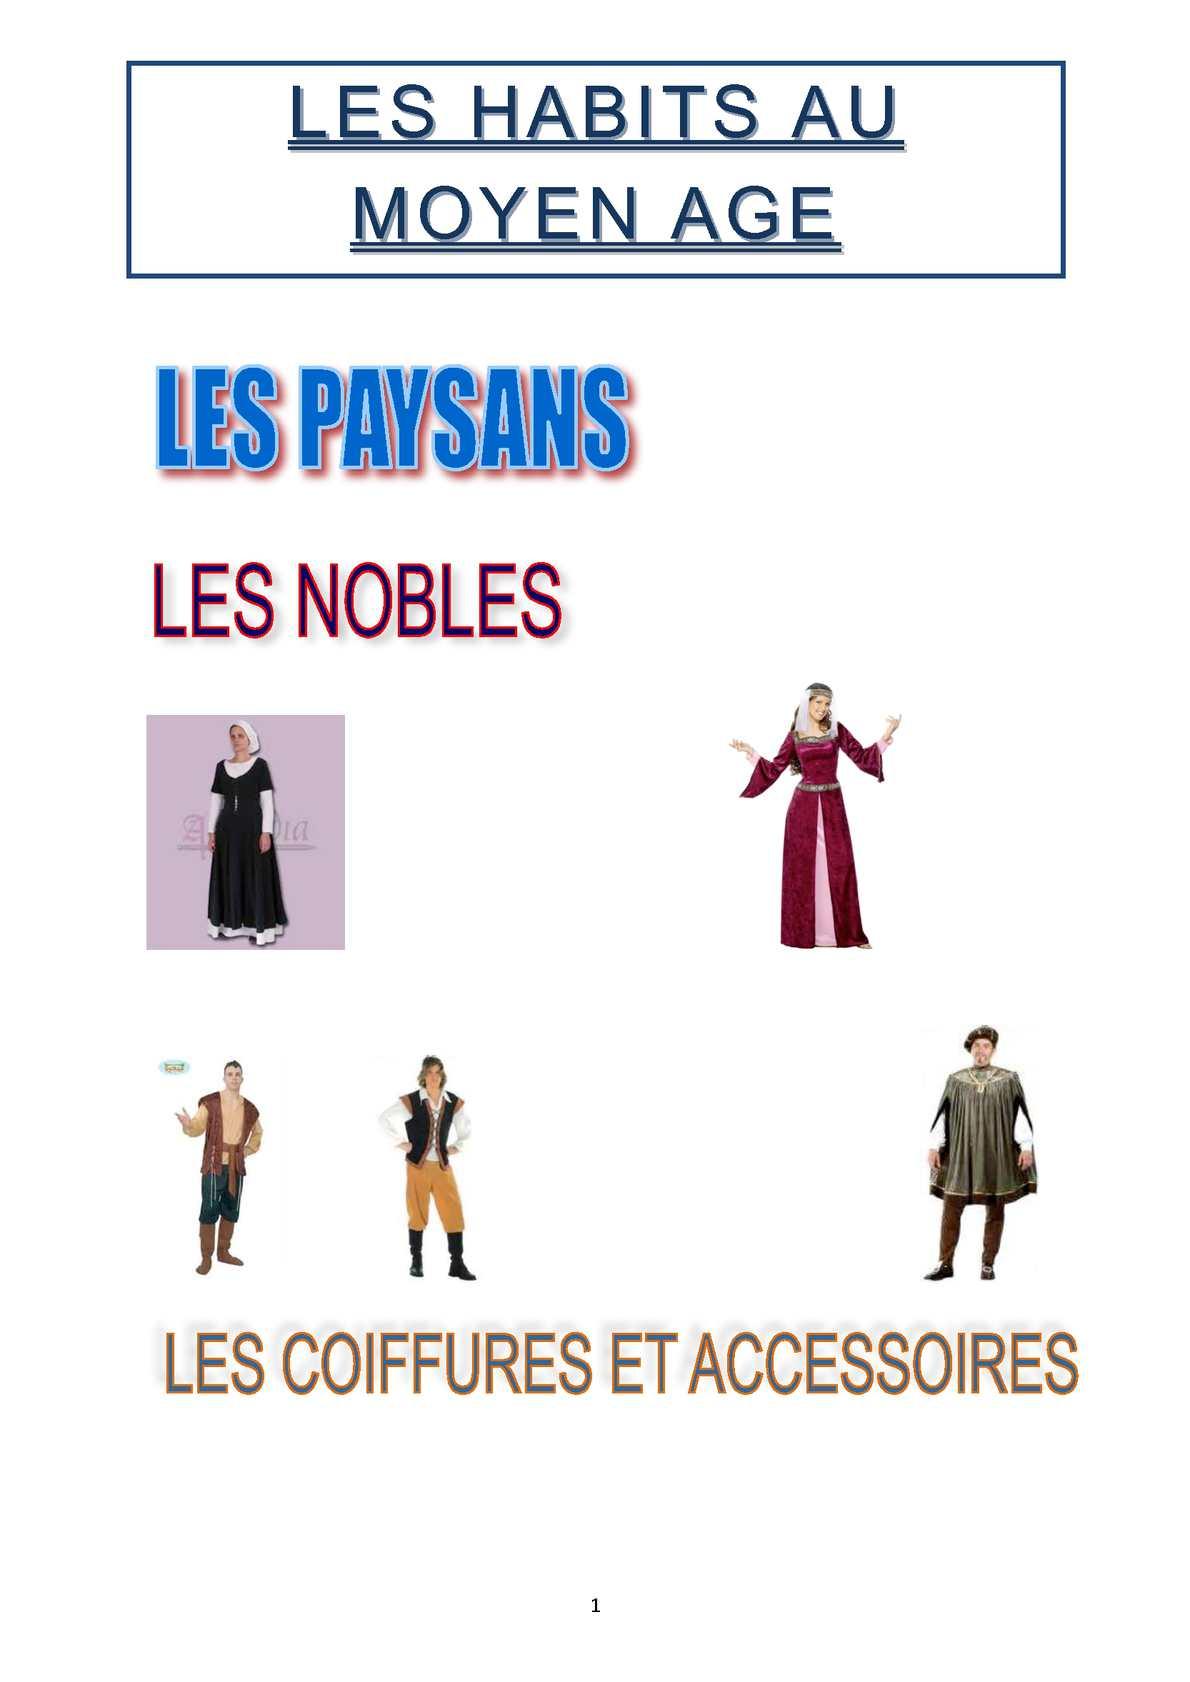 Vêtements Du Moyen Age Pour Les Nobles : vêtements, moyen, nobles, Calaméo, S'habiller, Moyen